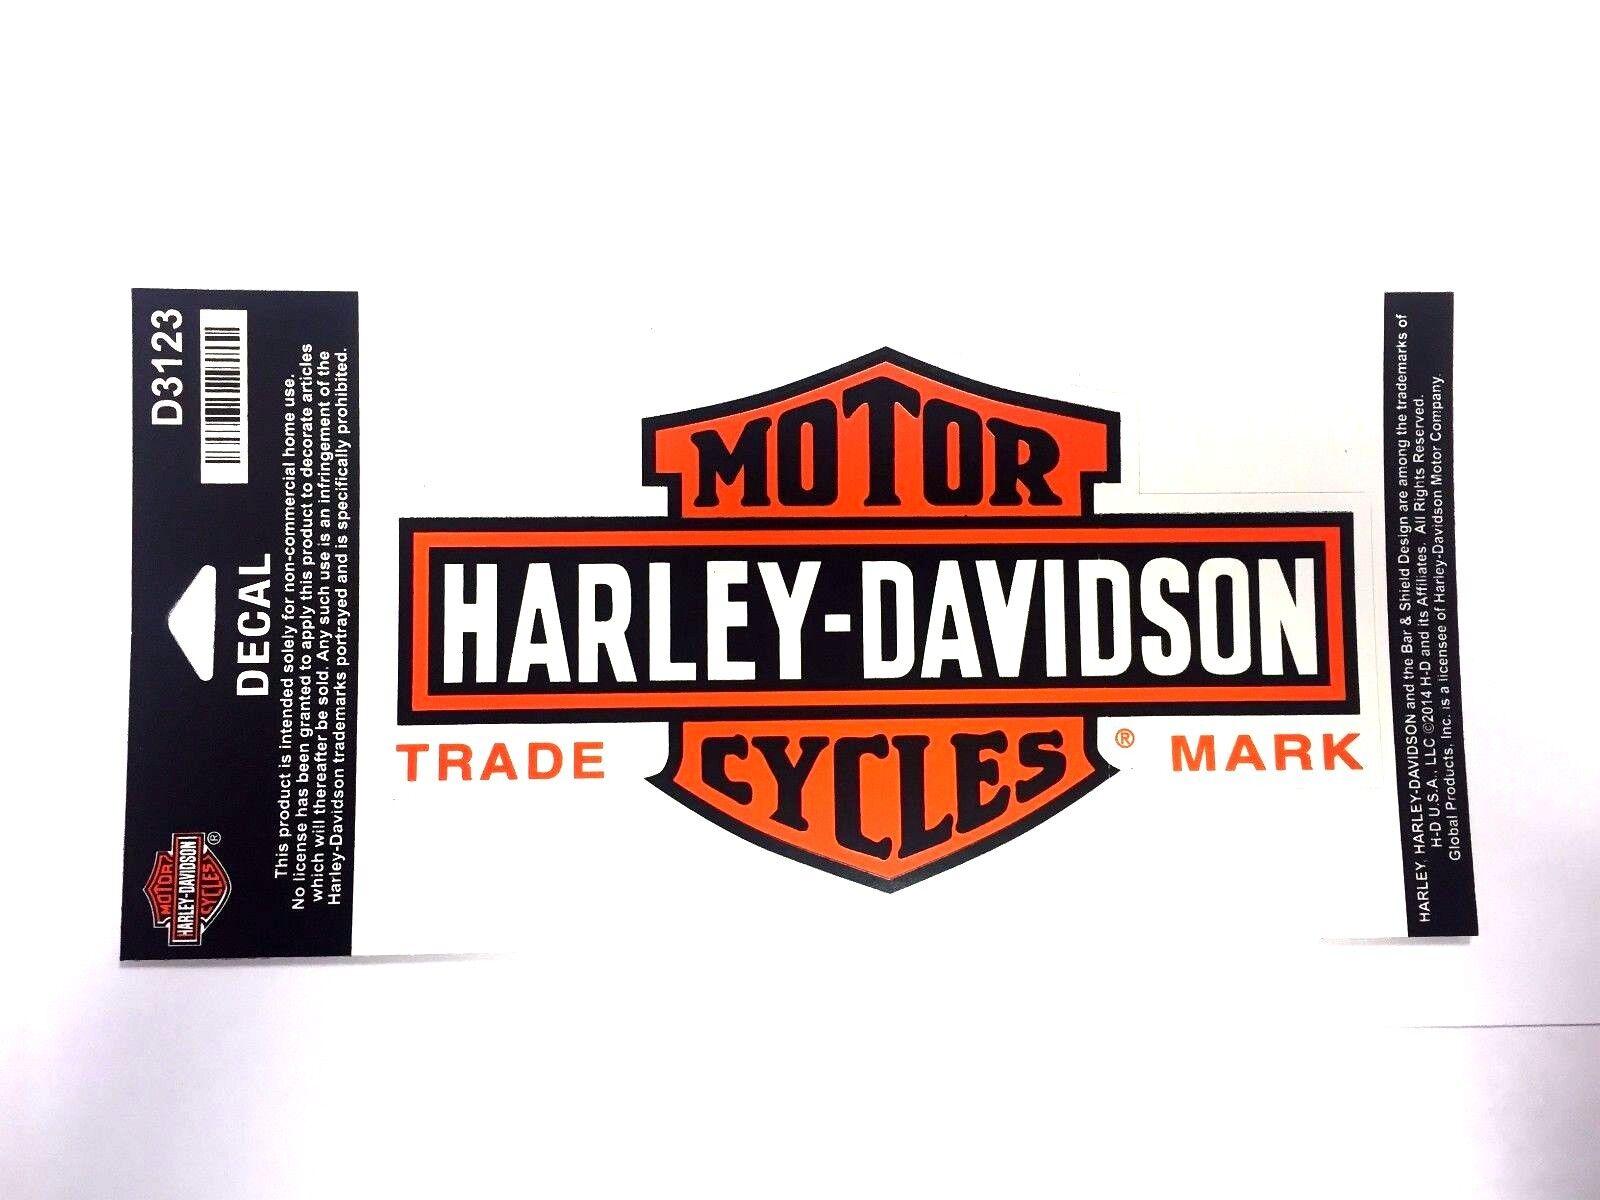 Genuine Harley Davidson Round Bar /& Shield Black /& Orange Decal Sticker DC312642